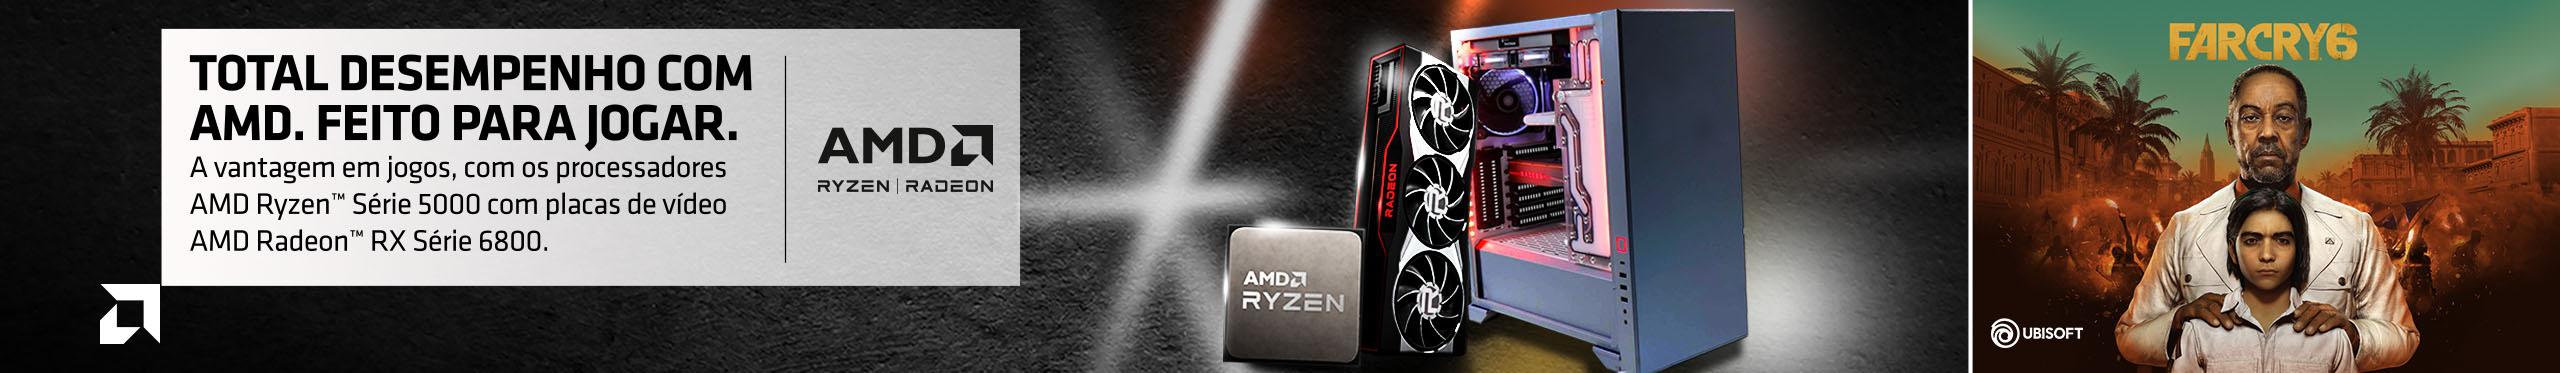 AMD Radeon RX - Série 6800 - Feito para Jogar!